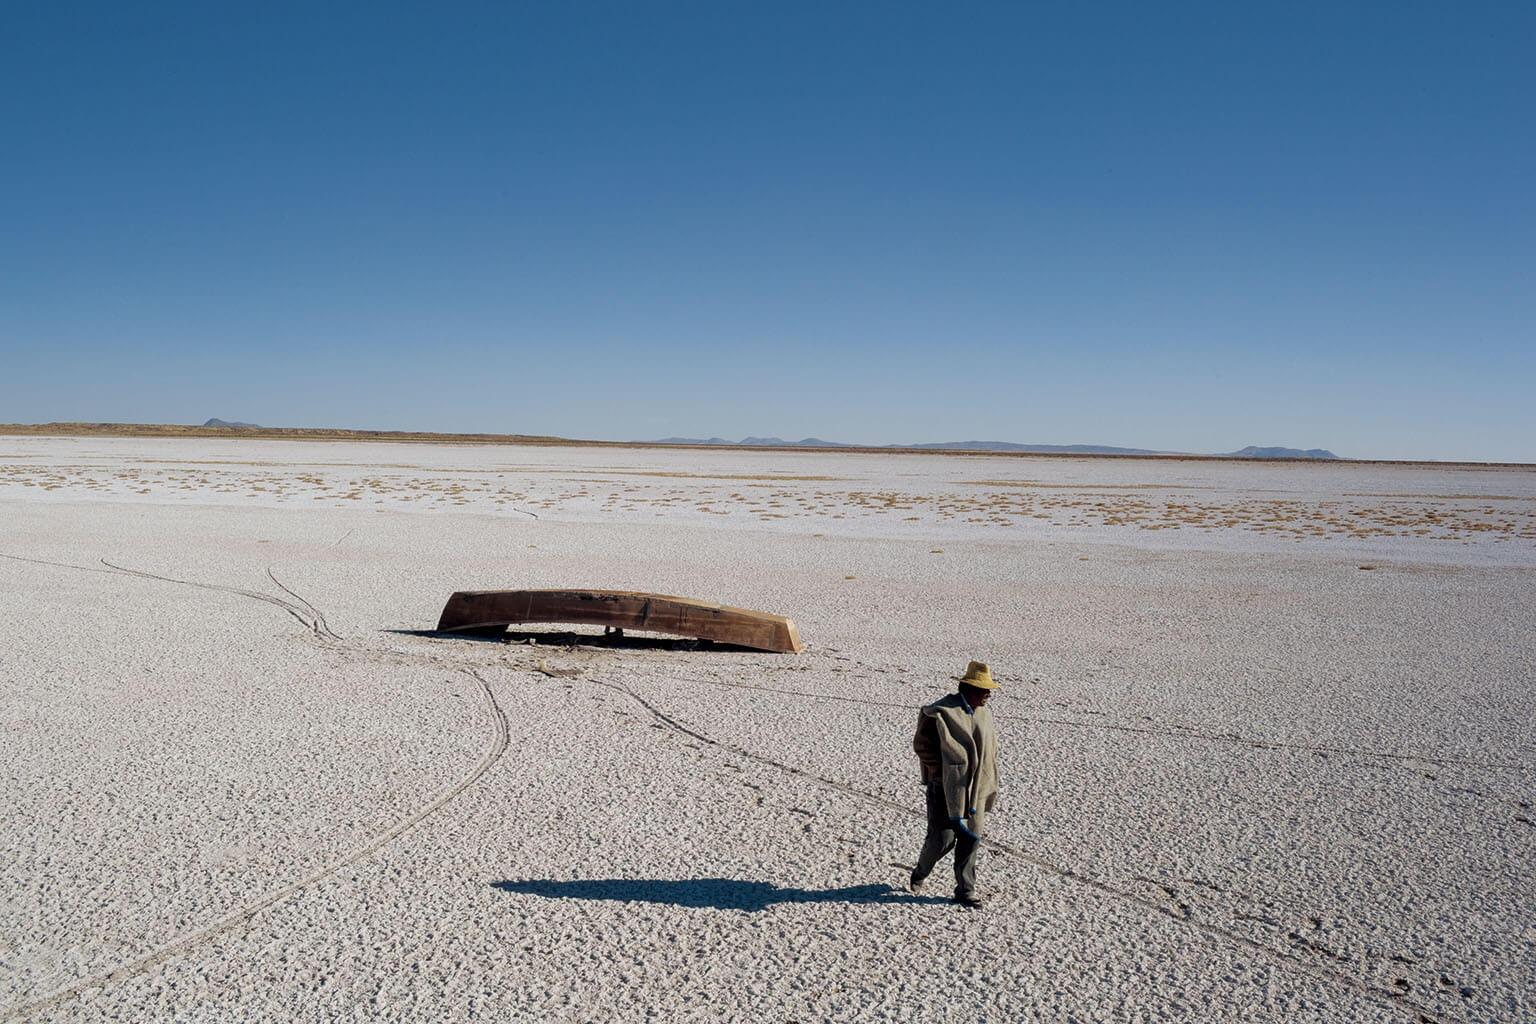 波波湖一層堅硬的鹽覆蓋在玻利維亞乾涸的湖床上,向遠方延伸而去。船隻擱淺了;魚兒及水鳥消失了;依靠這座湖維生的漁民搬走了:這是一場乾旱造成的大離散。 攝影:毛里其奧.利馬